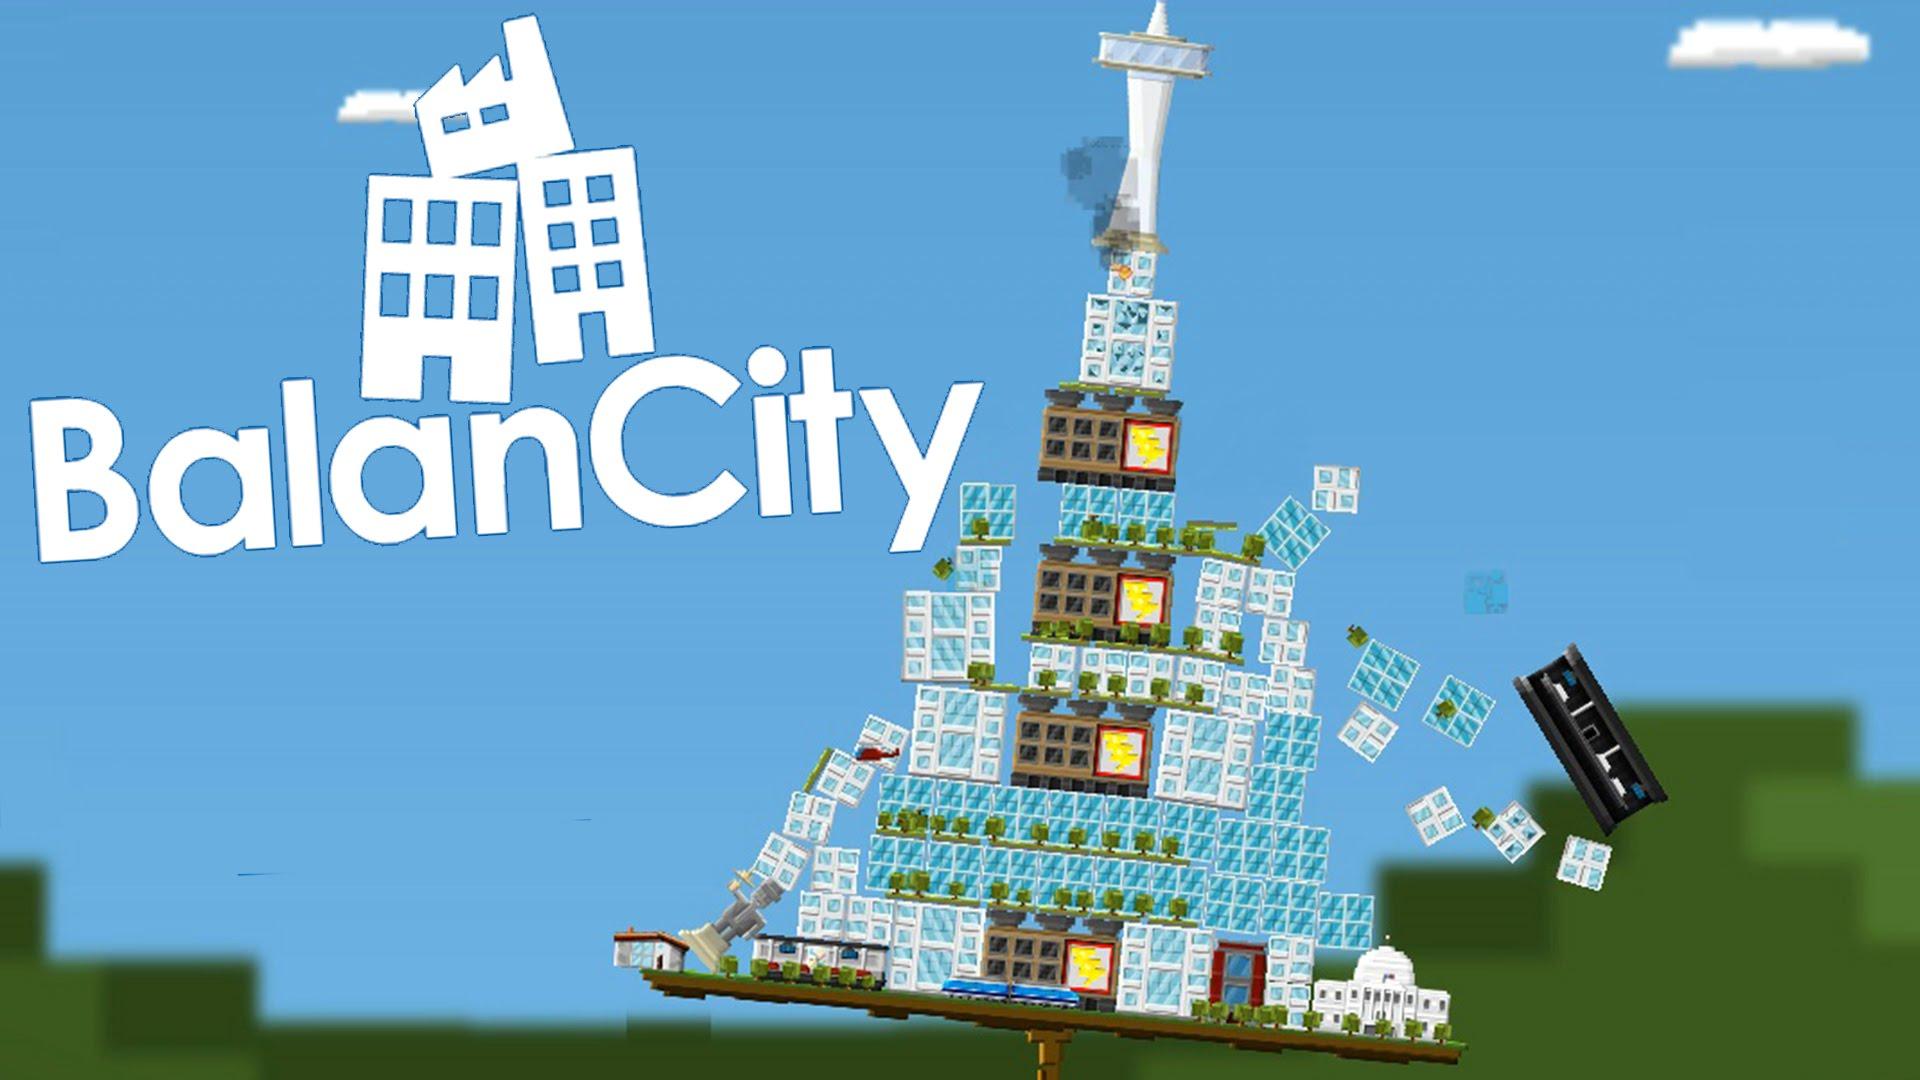 Znalezione obrazy dlazapytania: BalanCity,